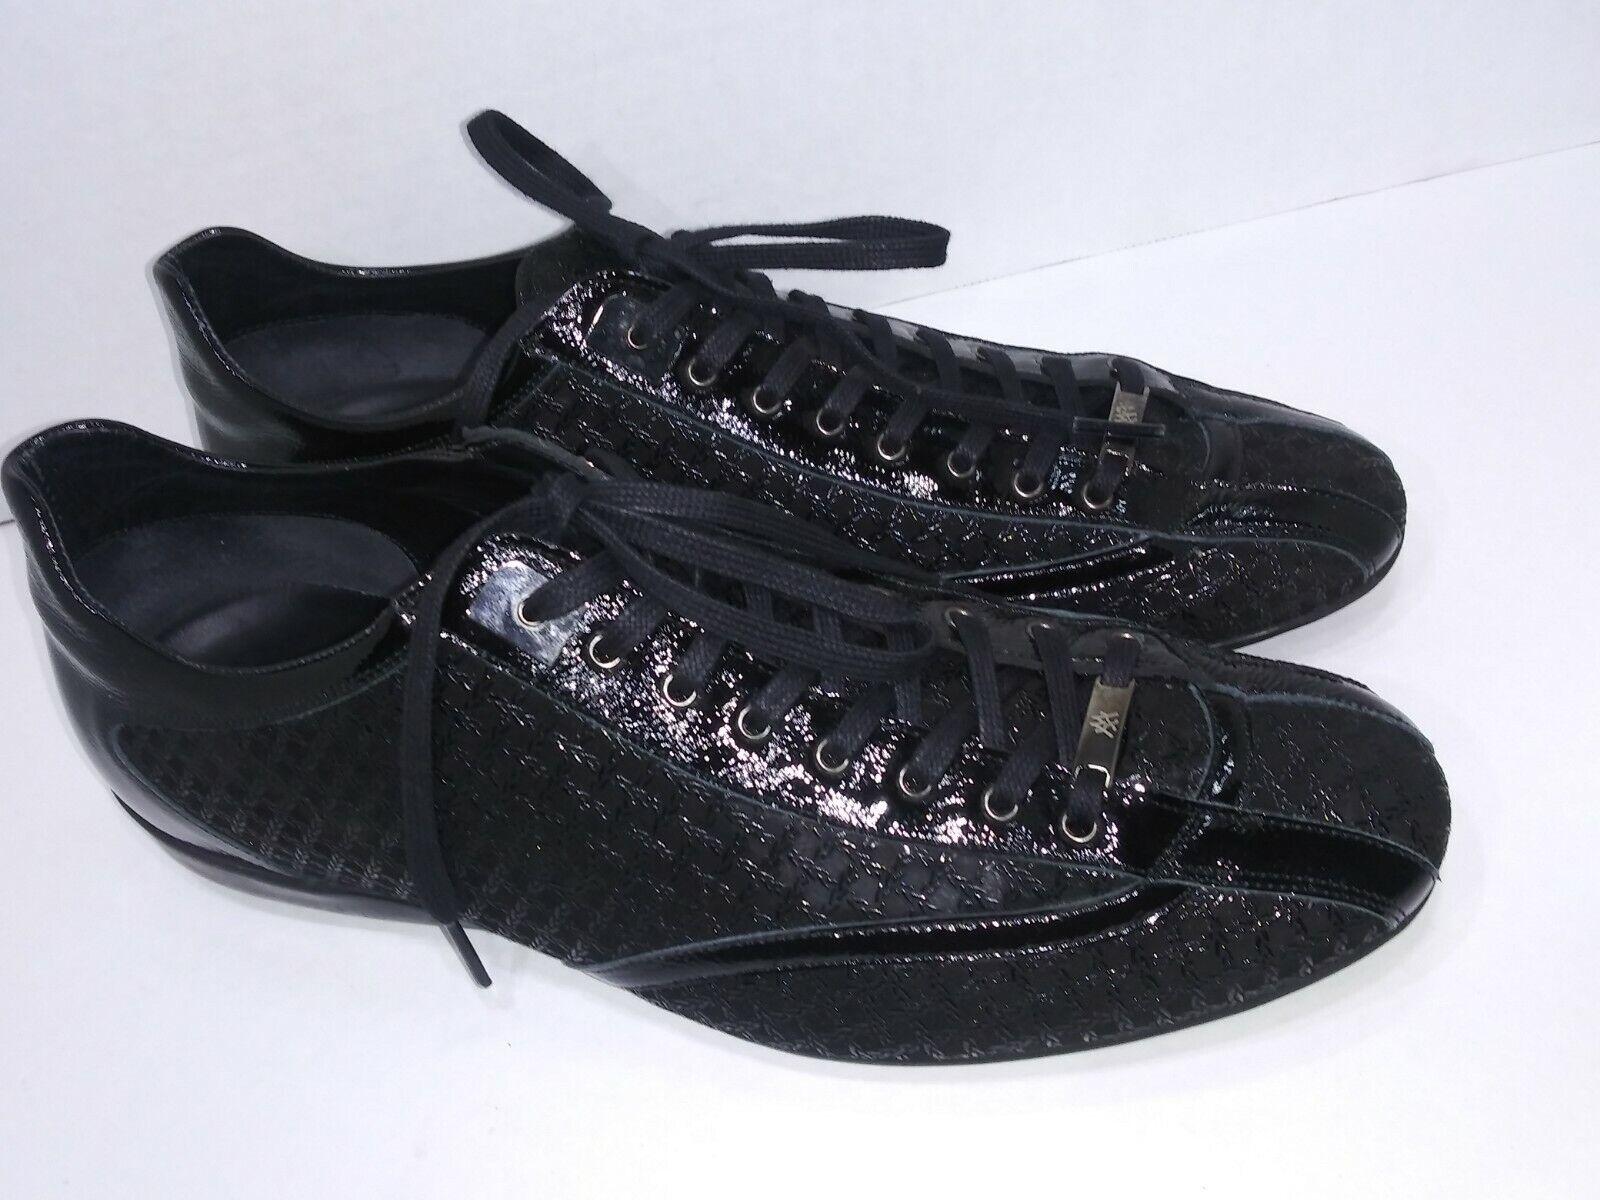 Mezlan Archer Negra Moda Tenis Cordones Zapatos Para Hombre M España Excelente